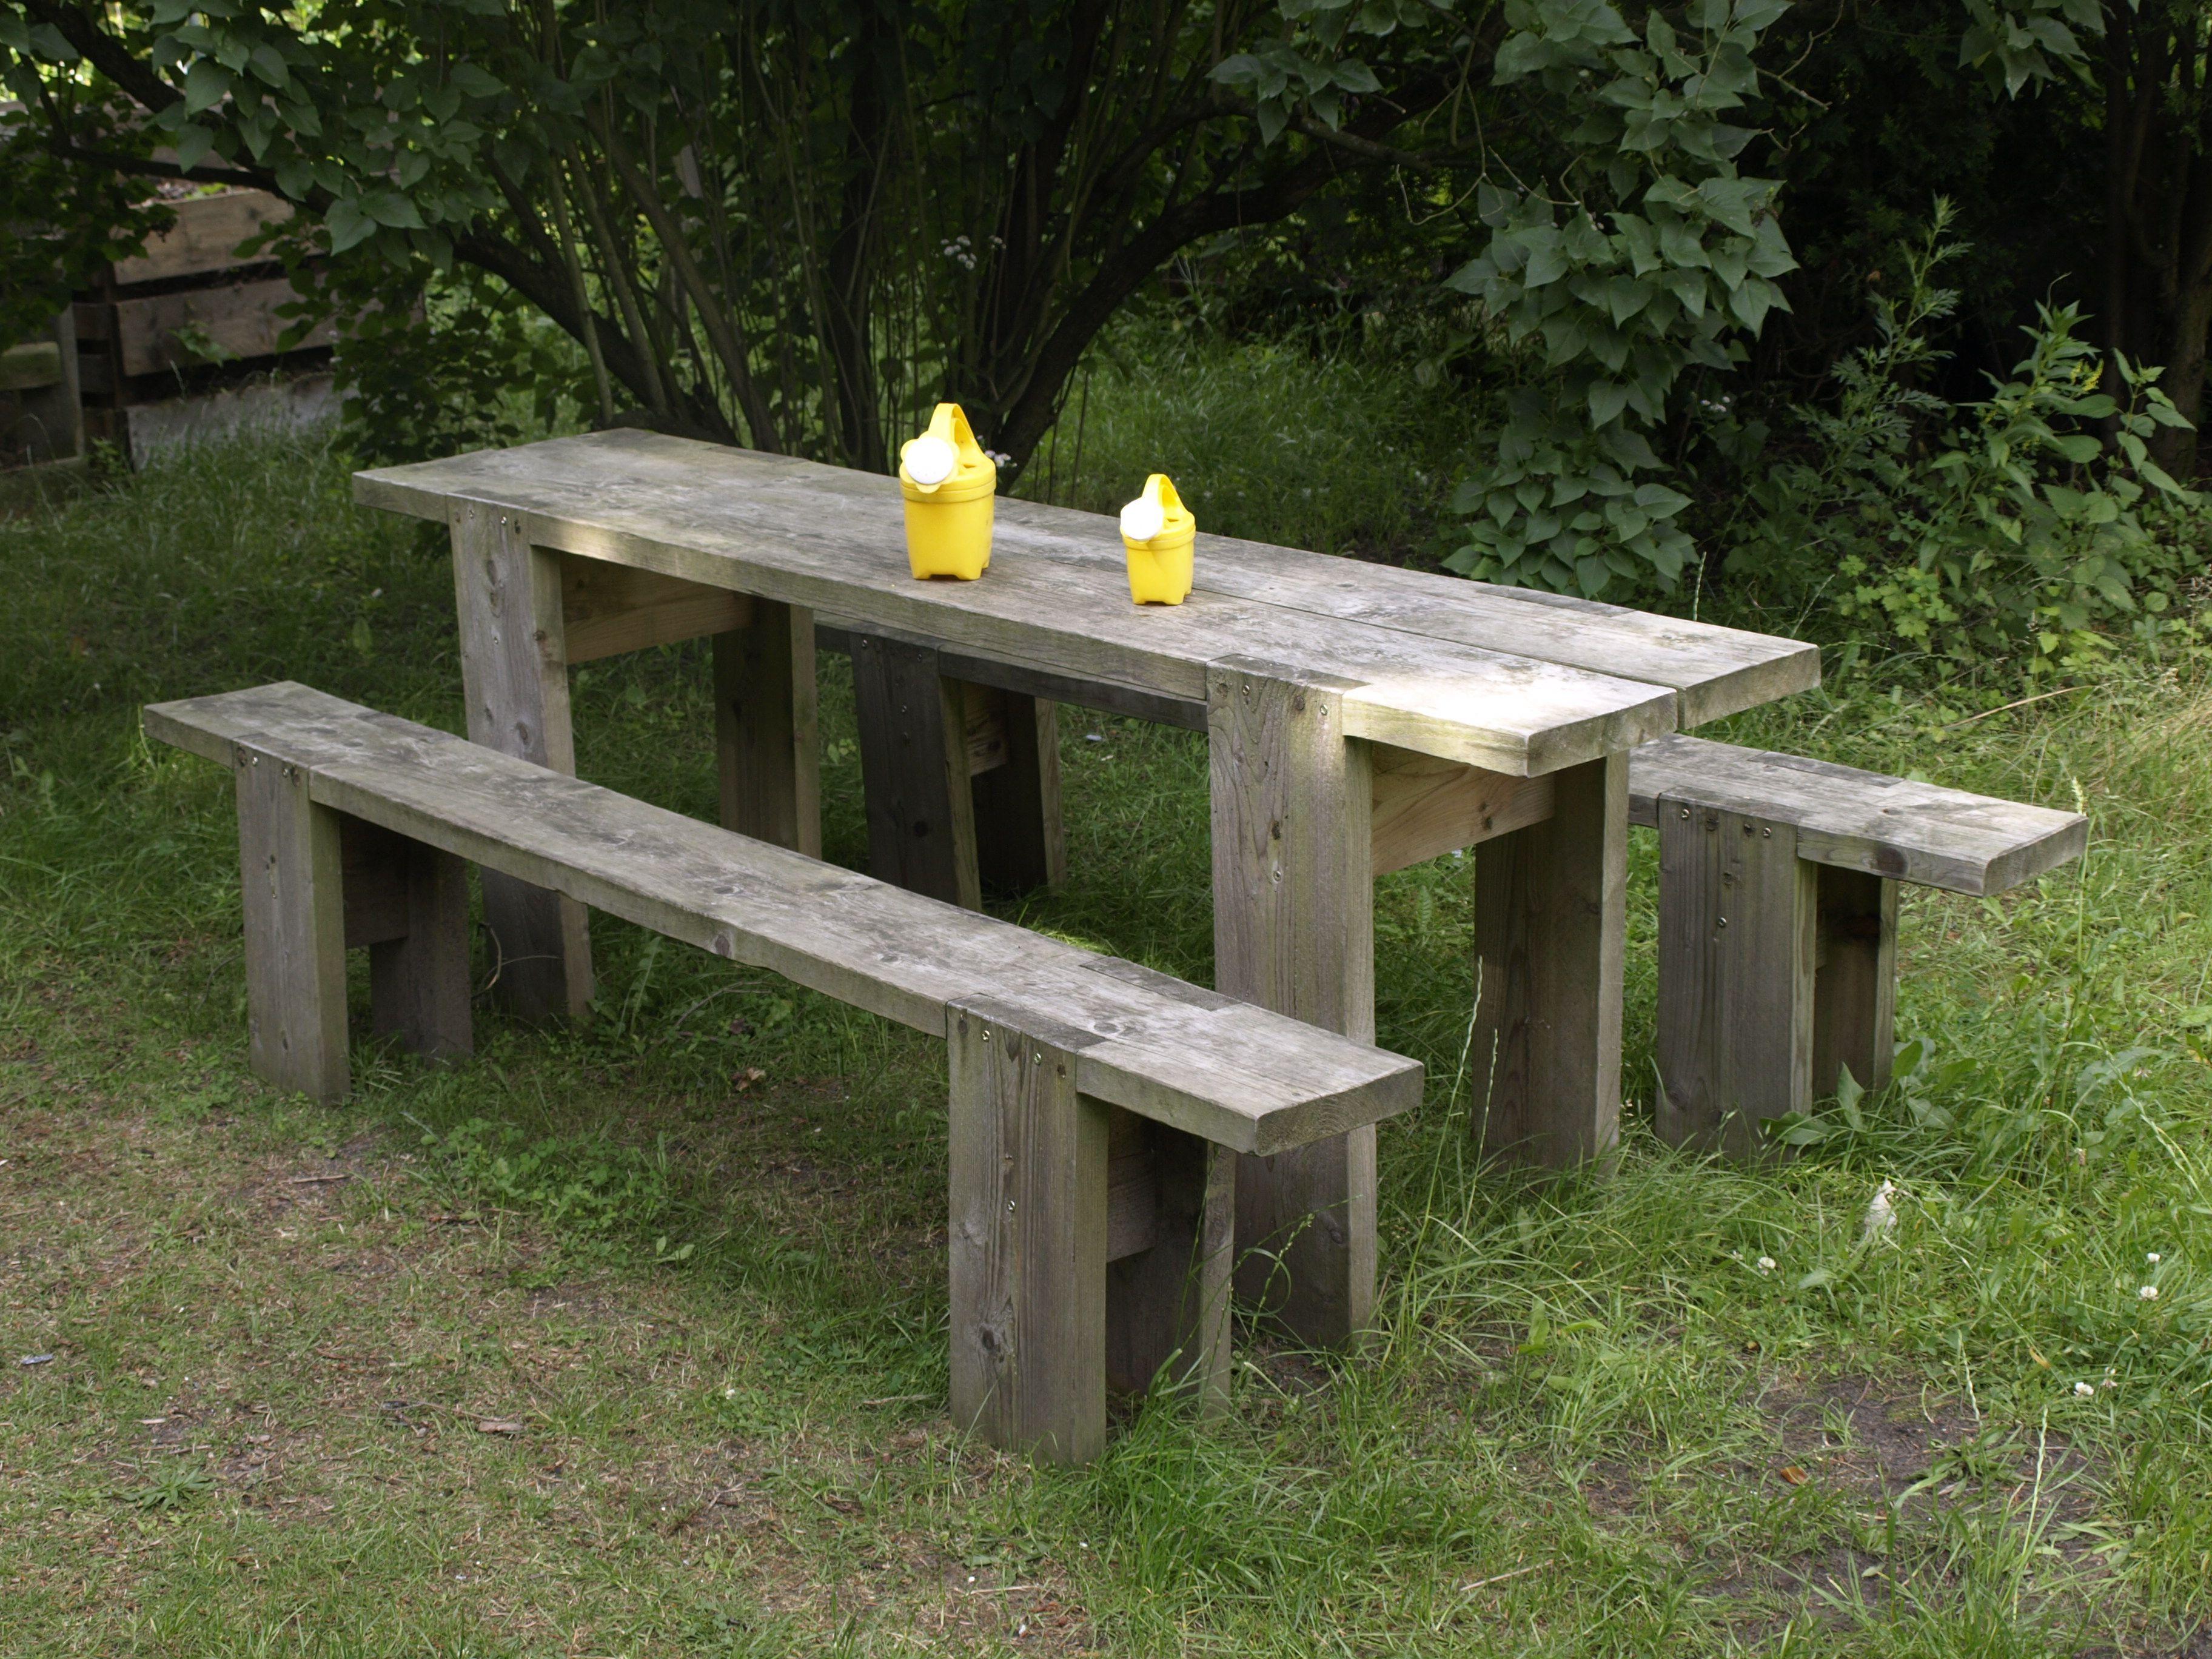 Der Gartentisch und Gartenbank sind robust und billig